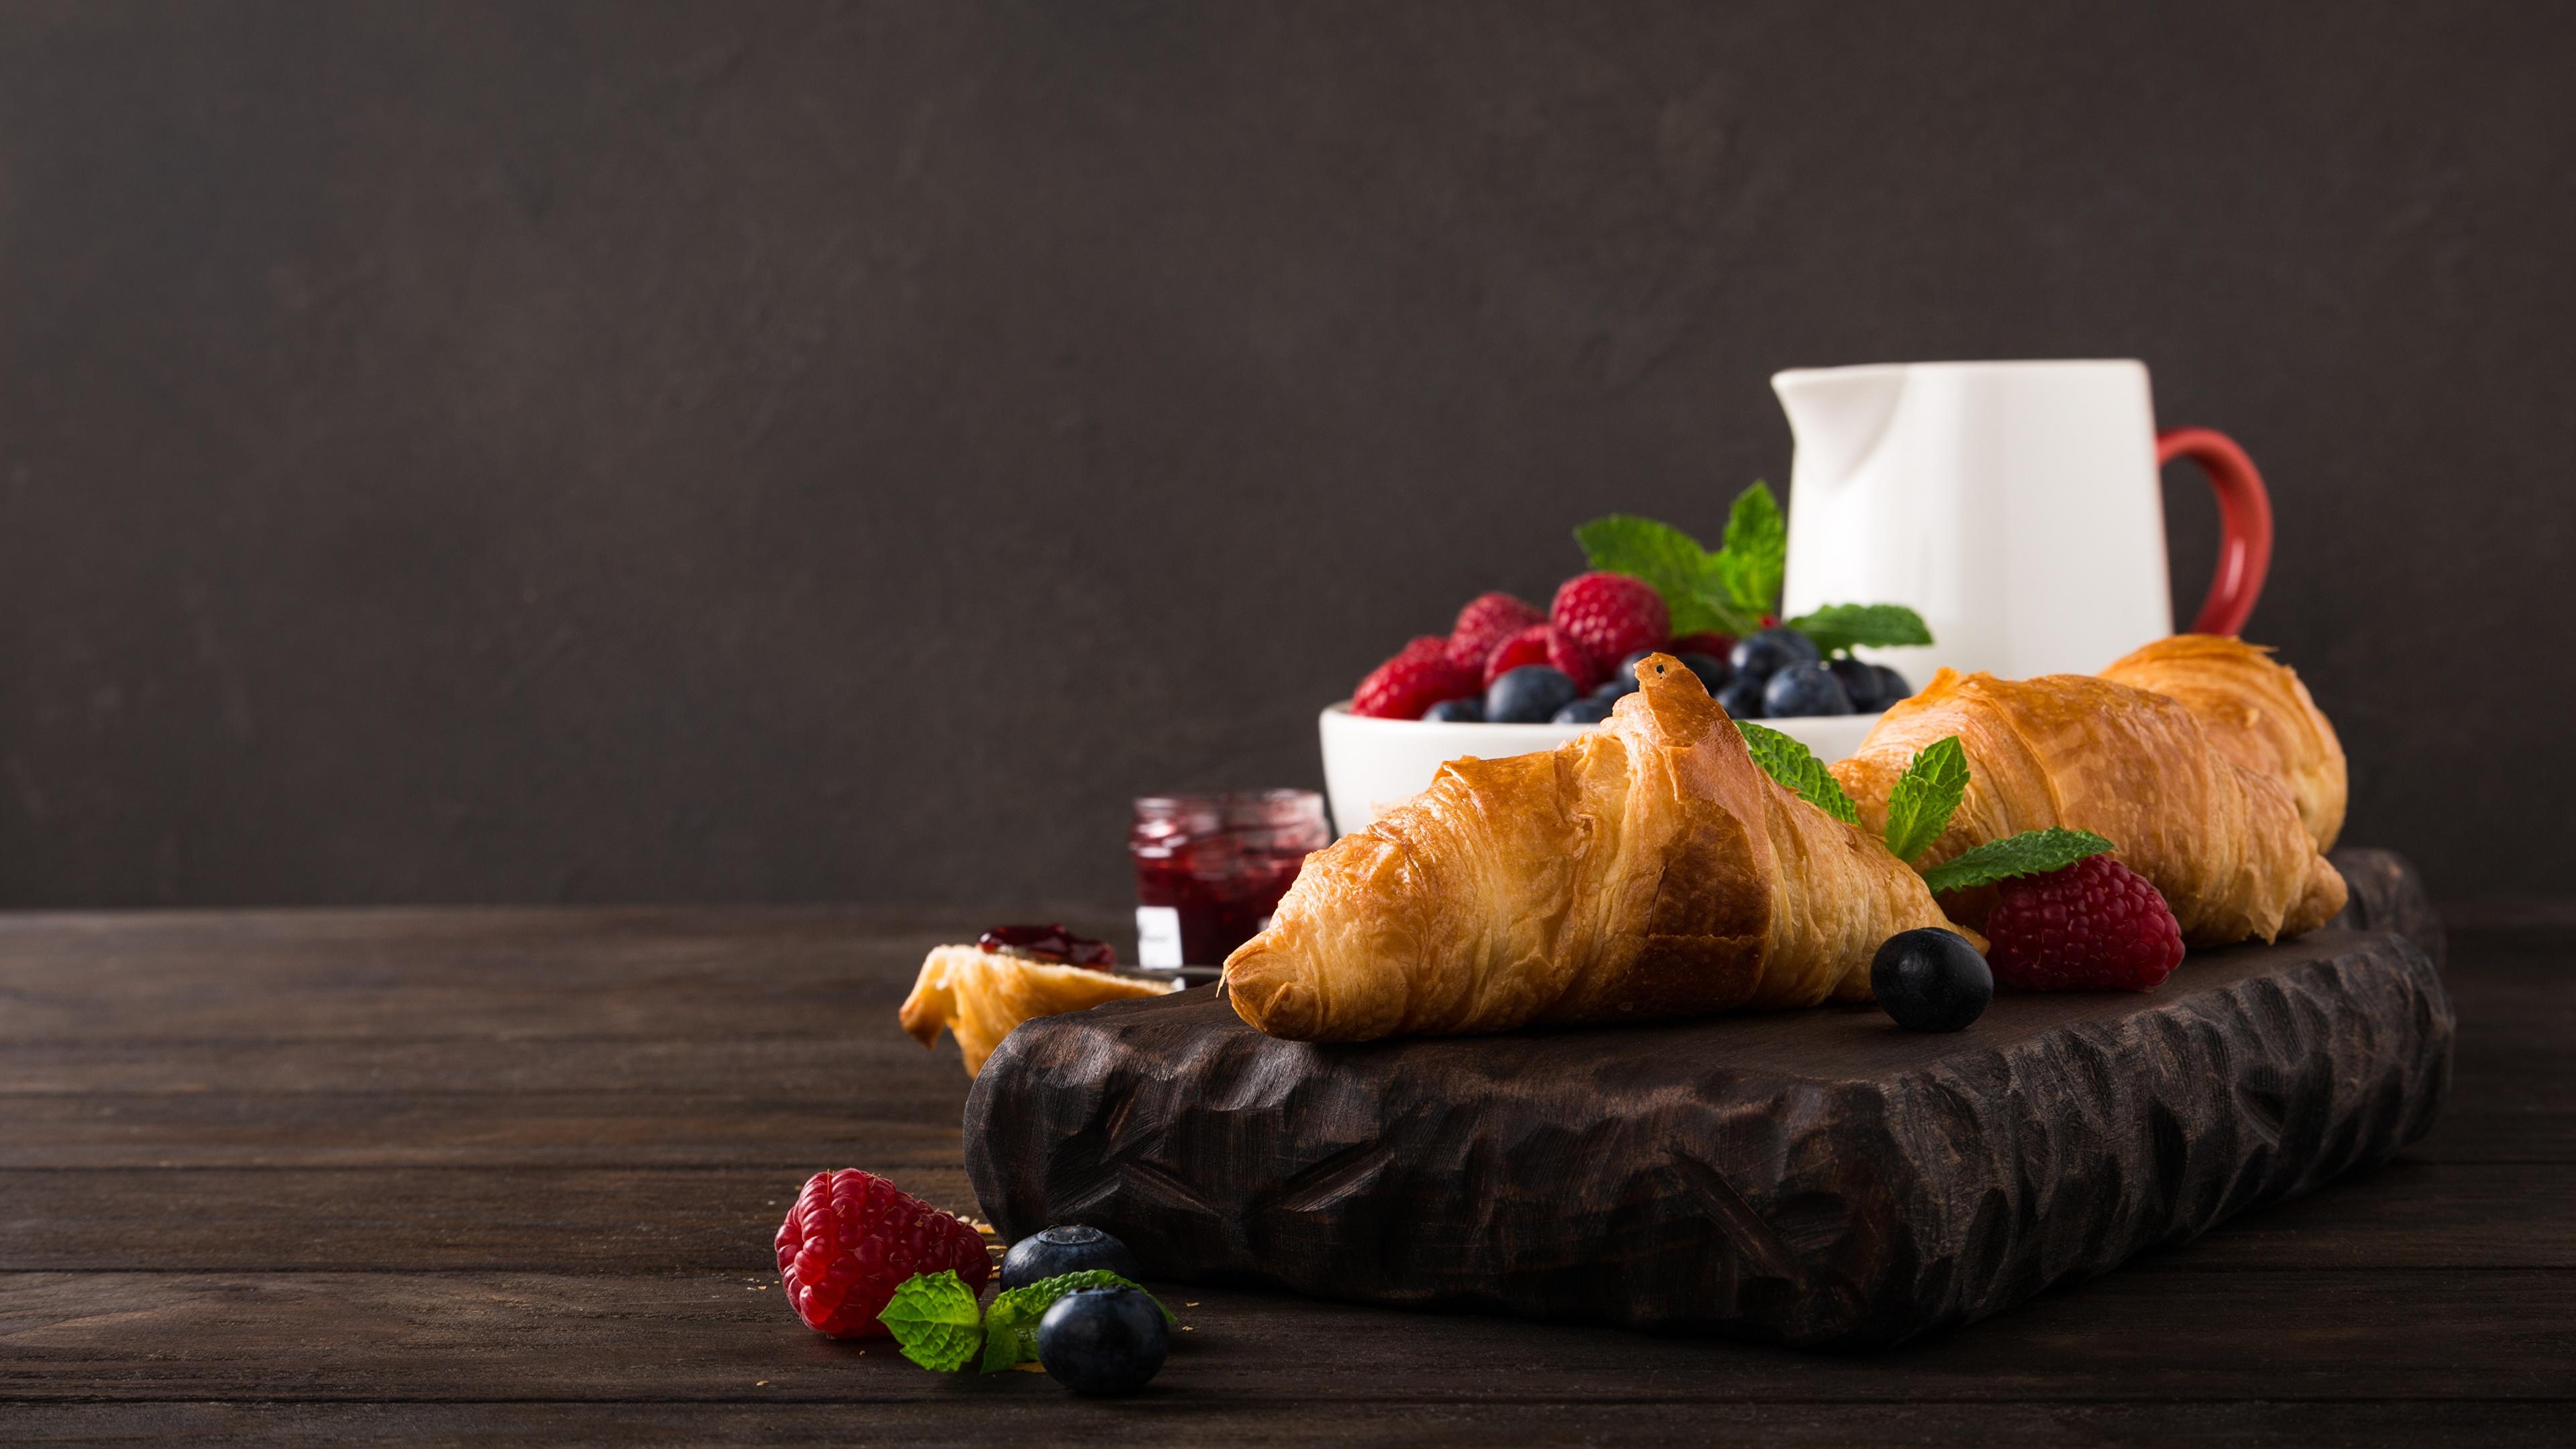 Фотография Завтрак Круассан Малина Еда Ягоды 3840x2160 Пища Продукты питания